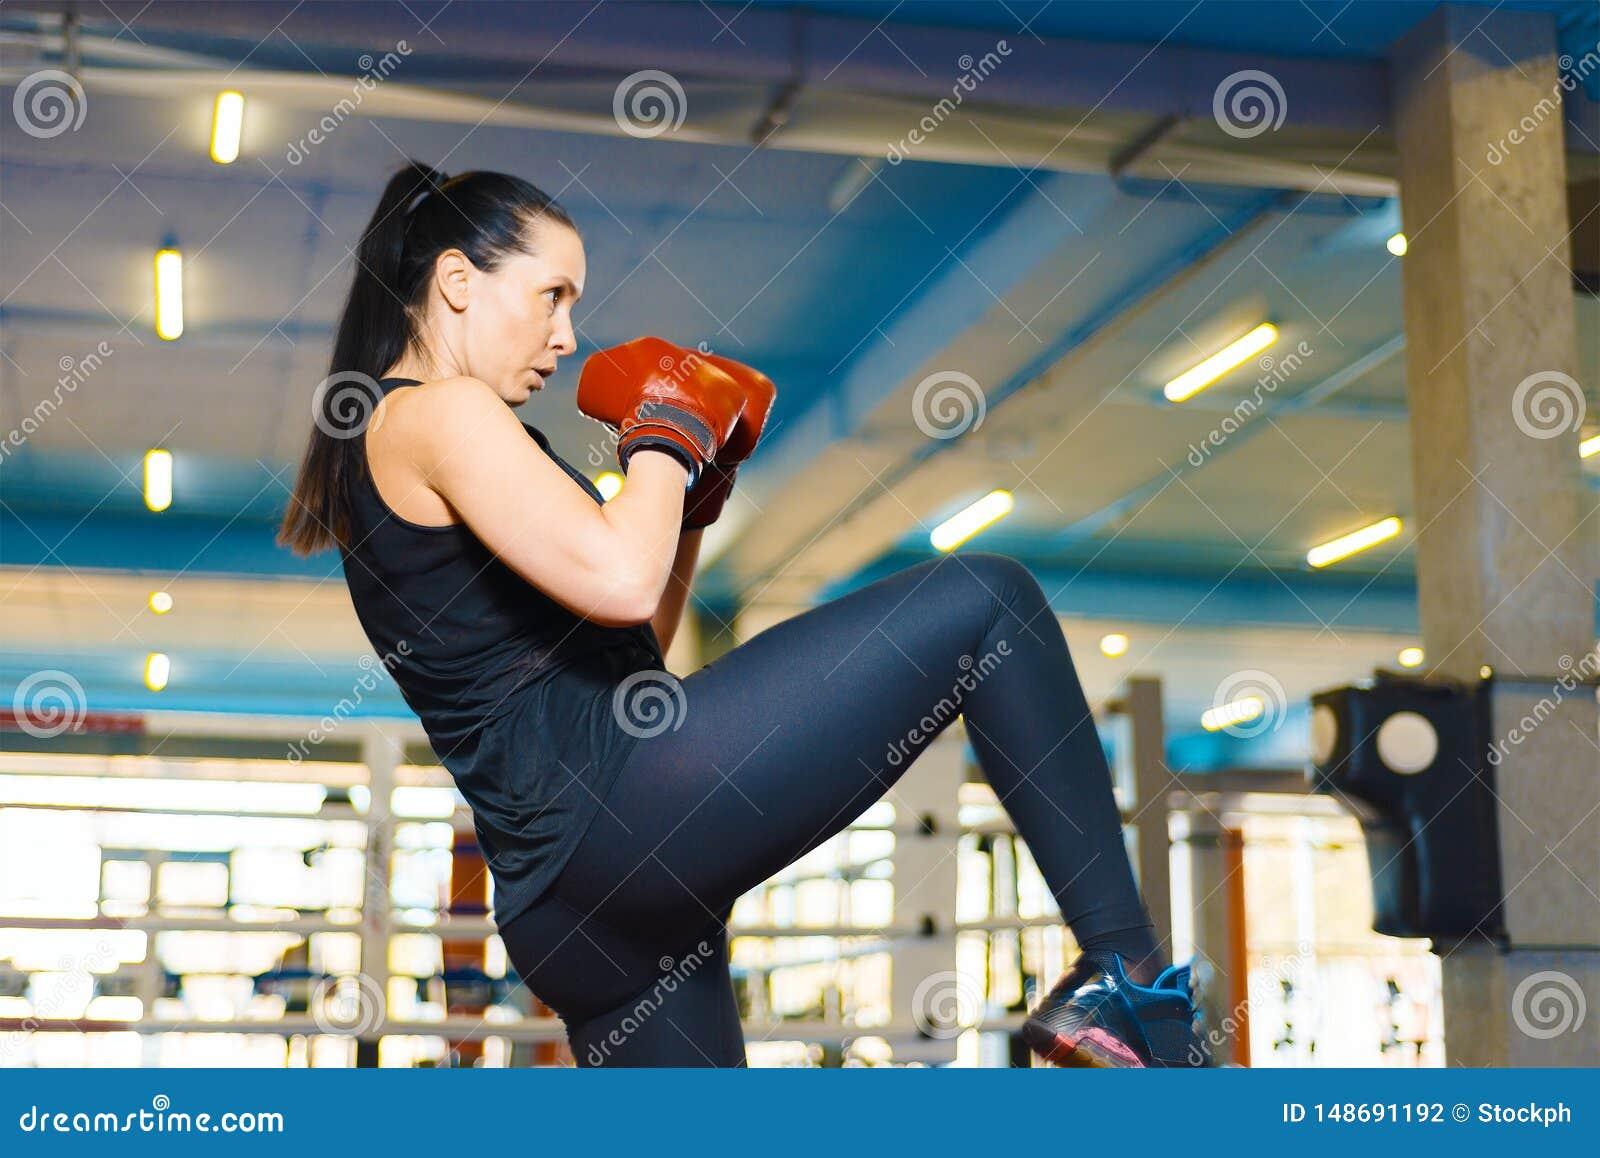 Den sexiga idrotts- flickan g?r en spark in idrottshallen kvinnan i boxninghandskar utbildar kn?et